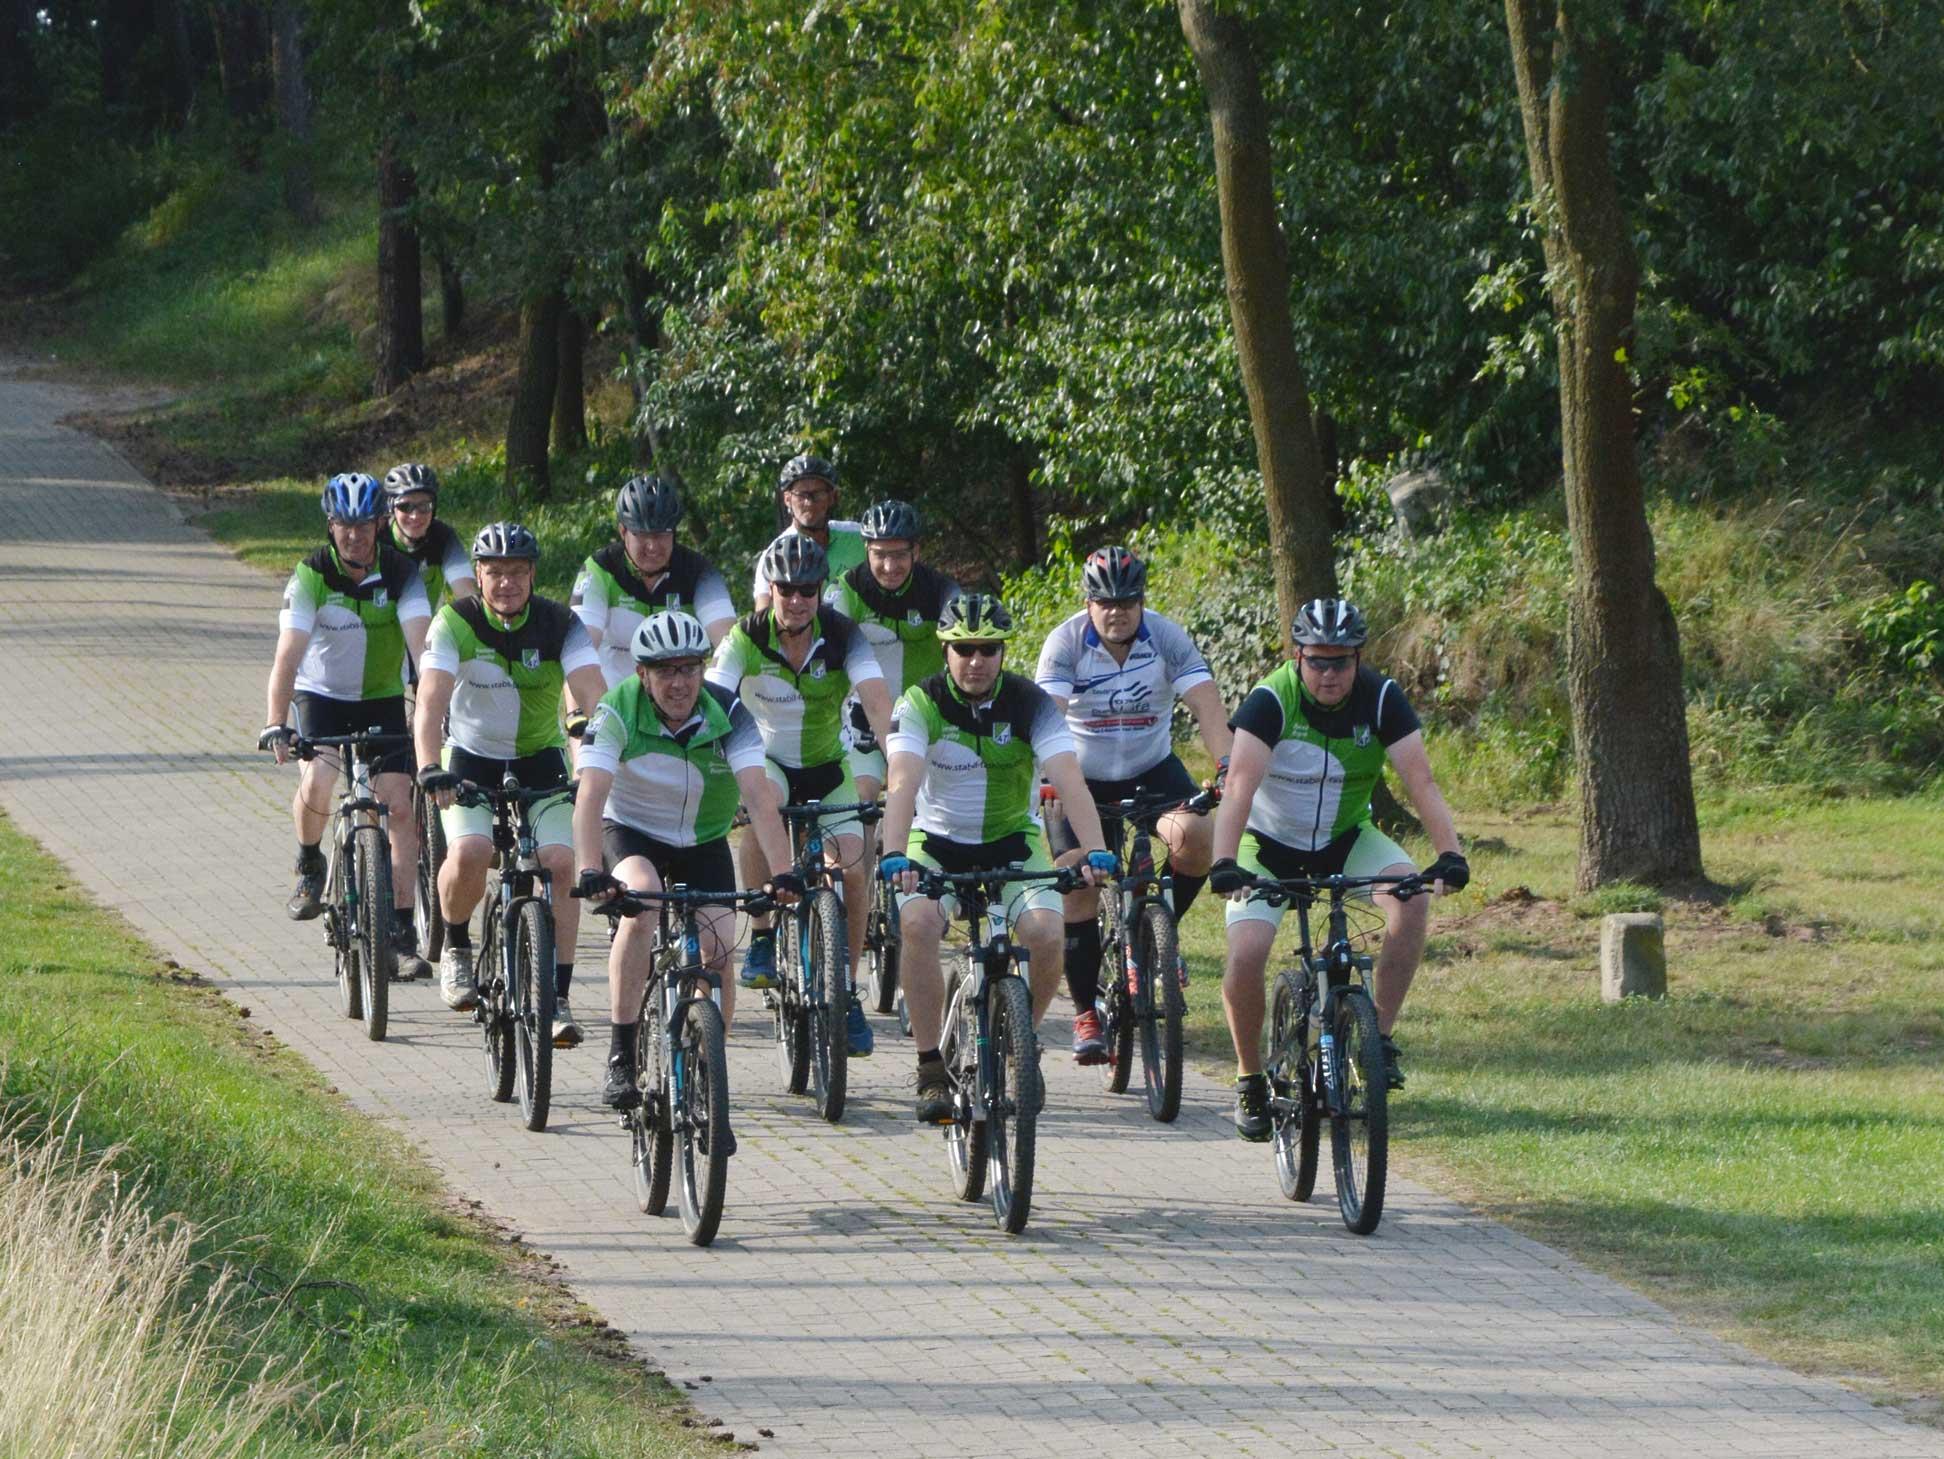 Für sportliche Radler ist ein 60 Kilometer lange Tour durch das Artland geplant. Für die Teilnahme an dieser Tour besteht Helmpflicht. Unser Foto zeigt die Eggermühlener Sportradler.